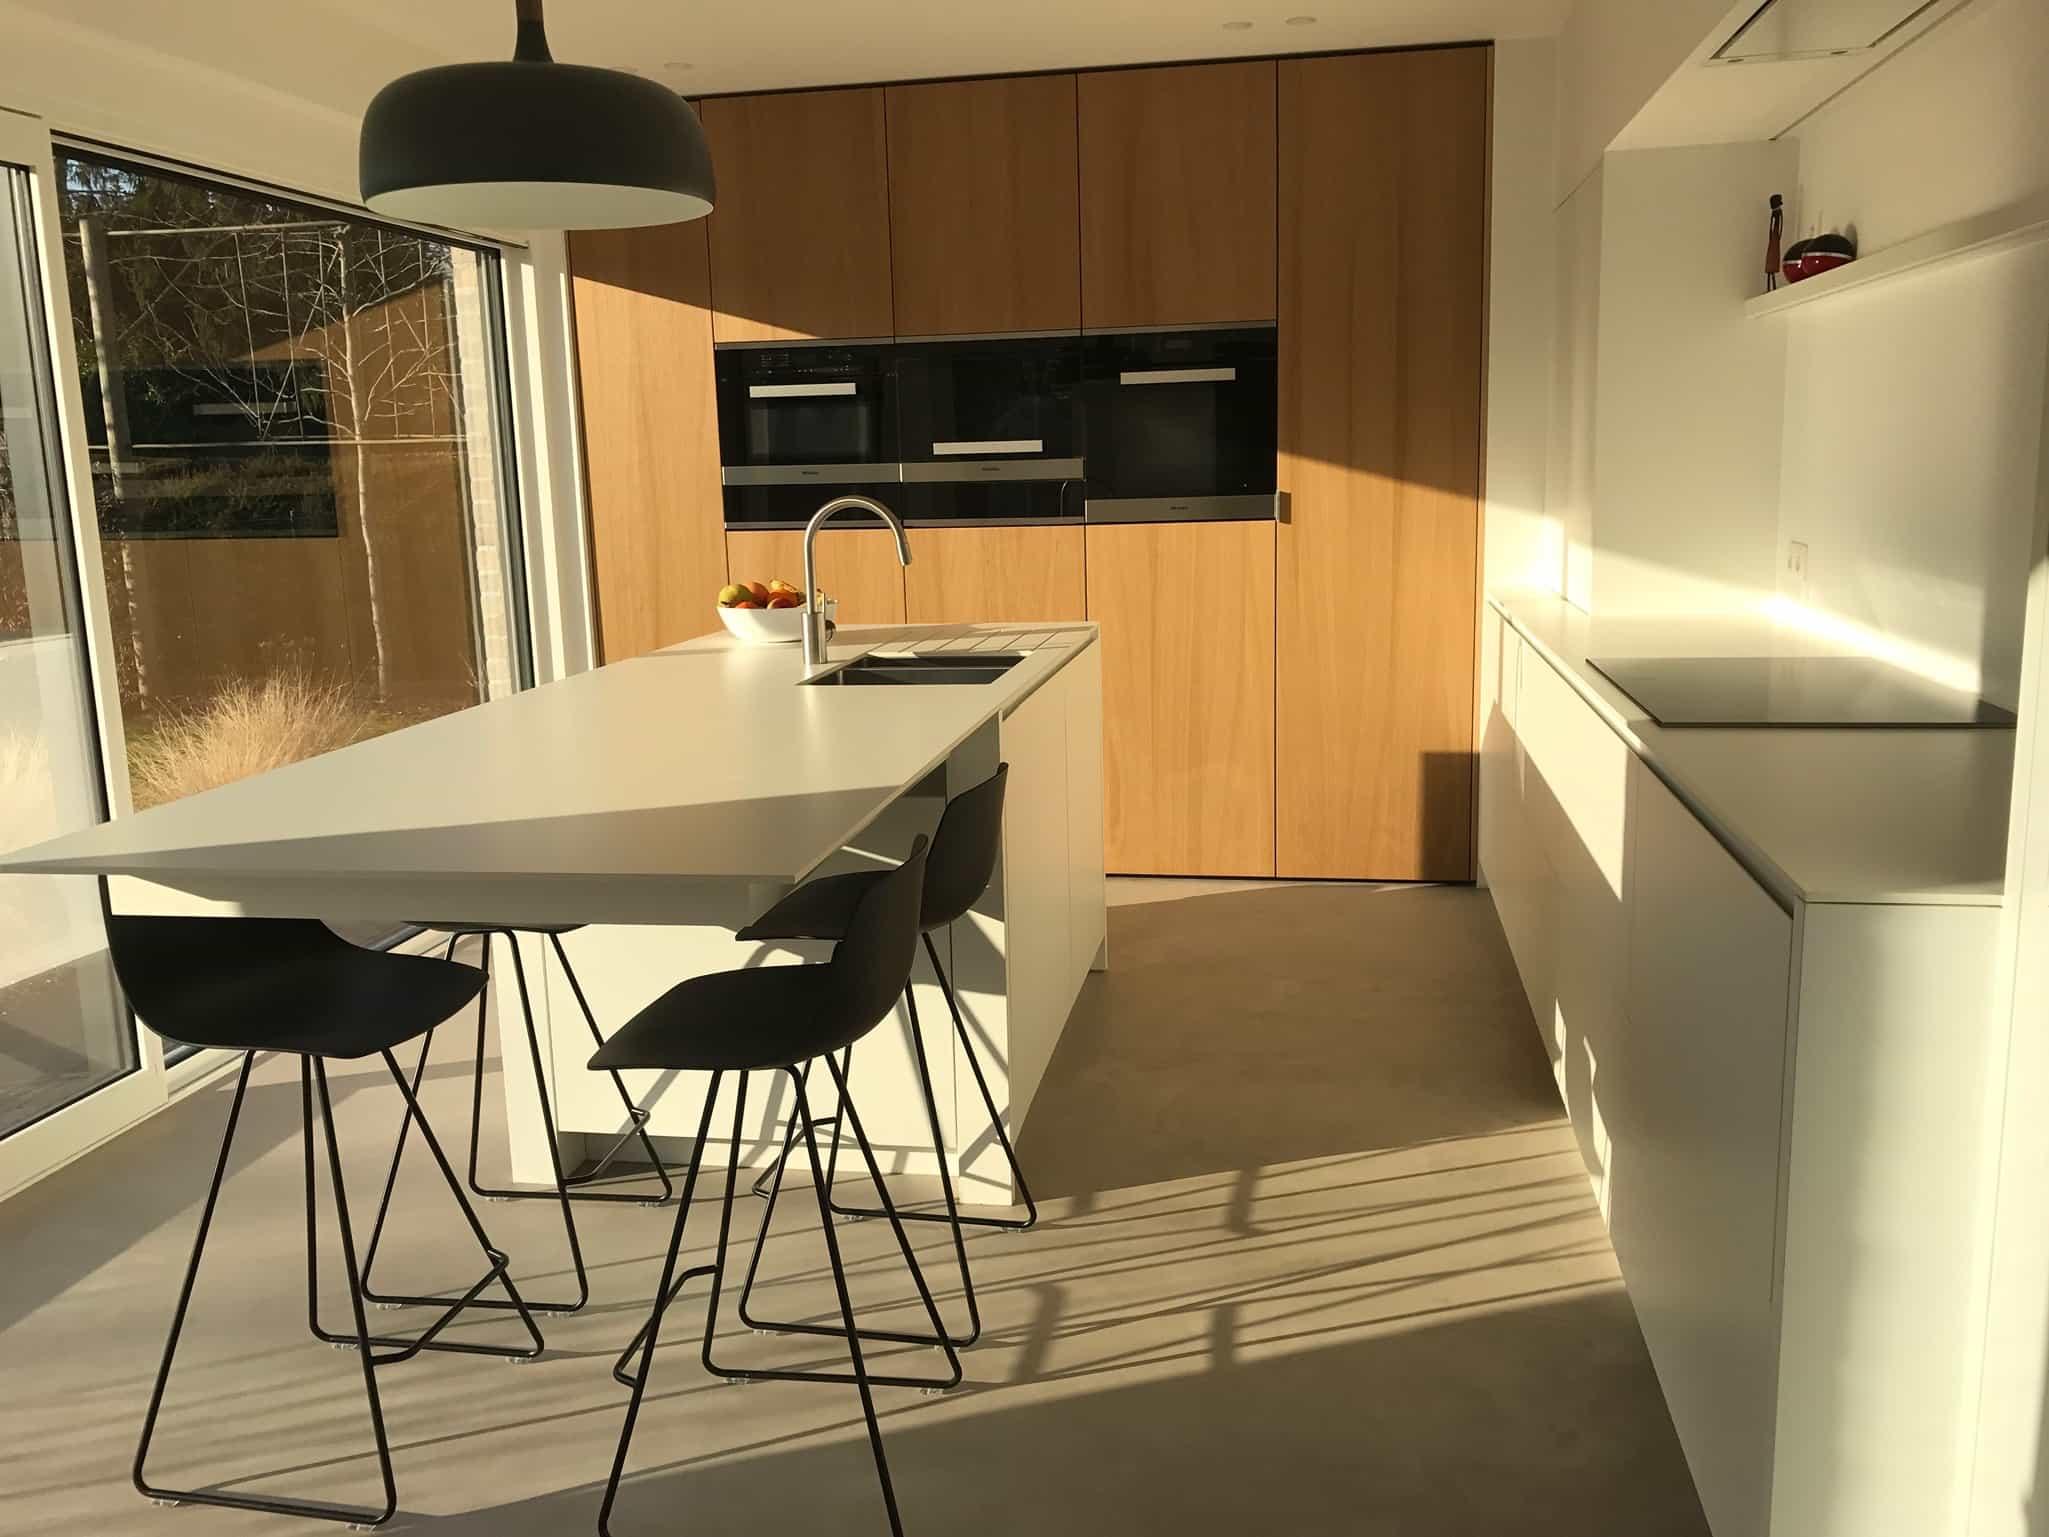 Strakke keuken eik fineer wit laminaat destelbergen for Interieur keuken